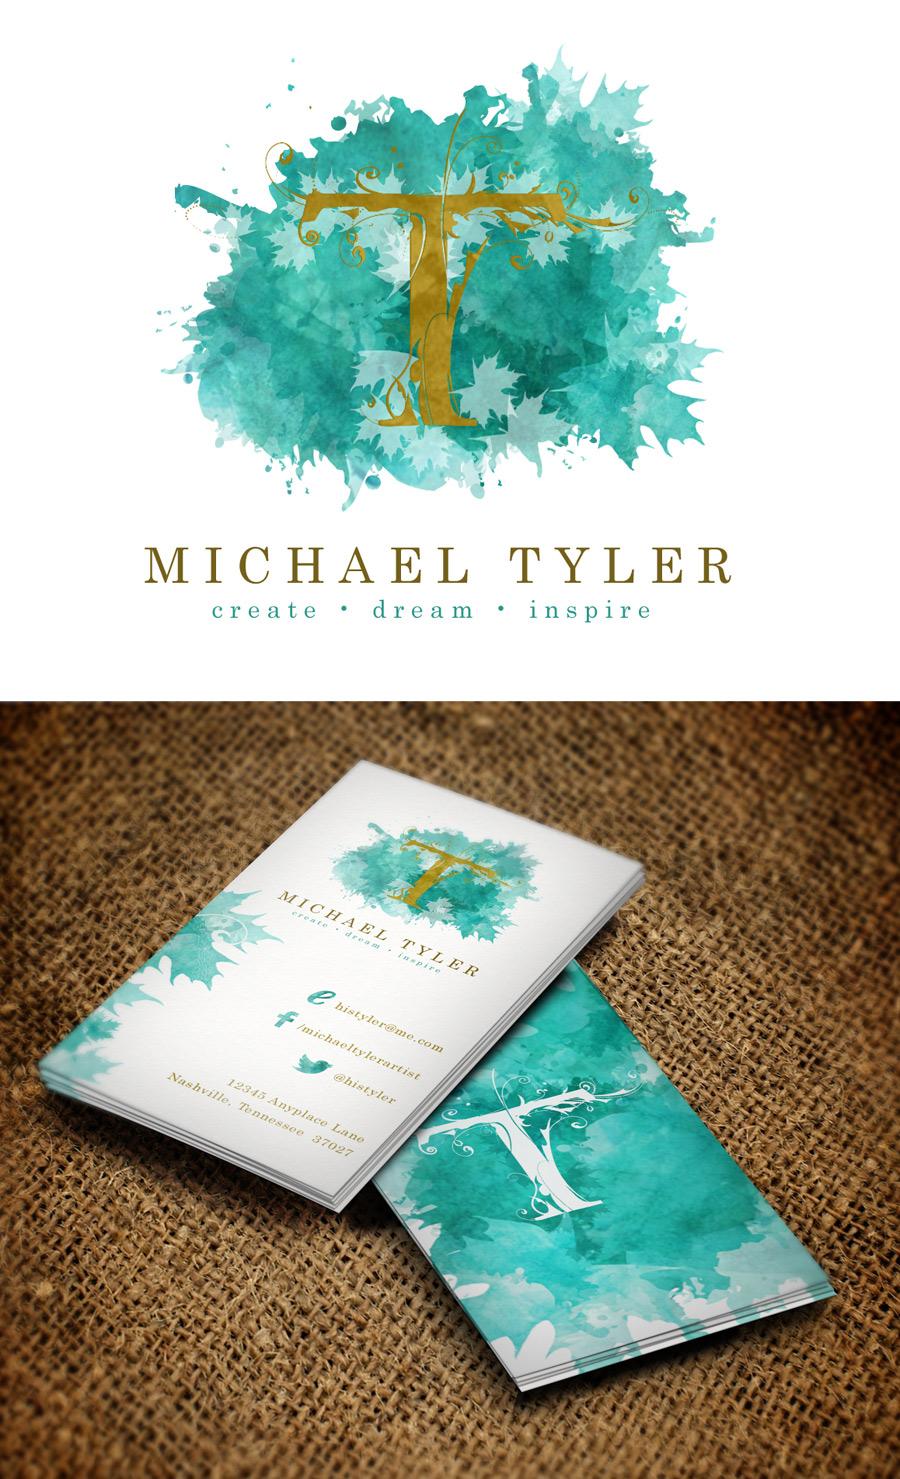 michaeltyler-composite.jpg